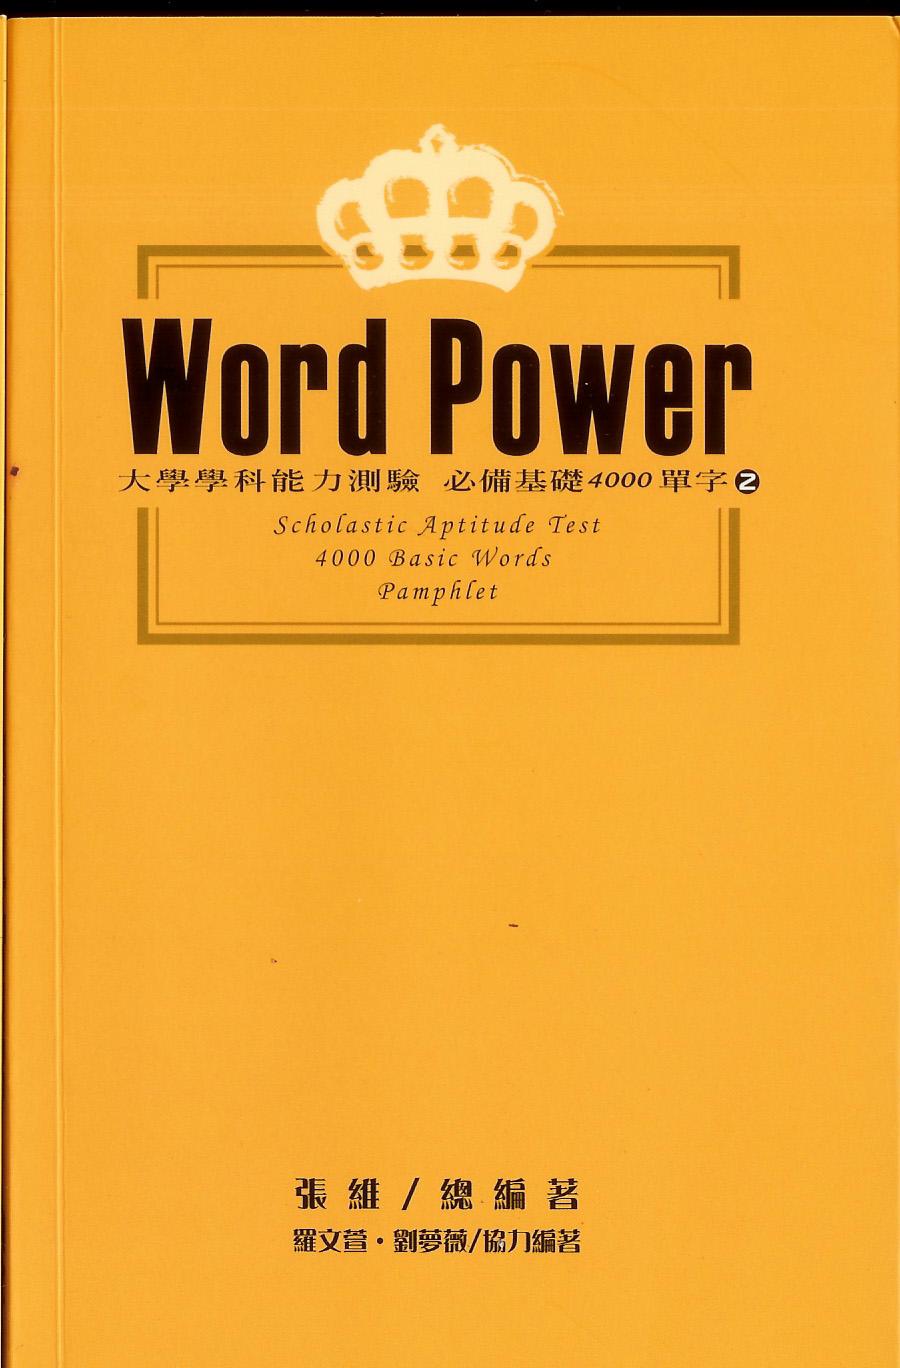 大學學科能力測驗必備基礎4000單字(2)